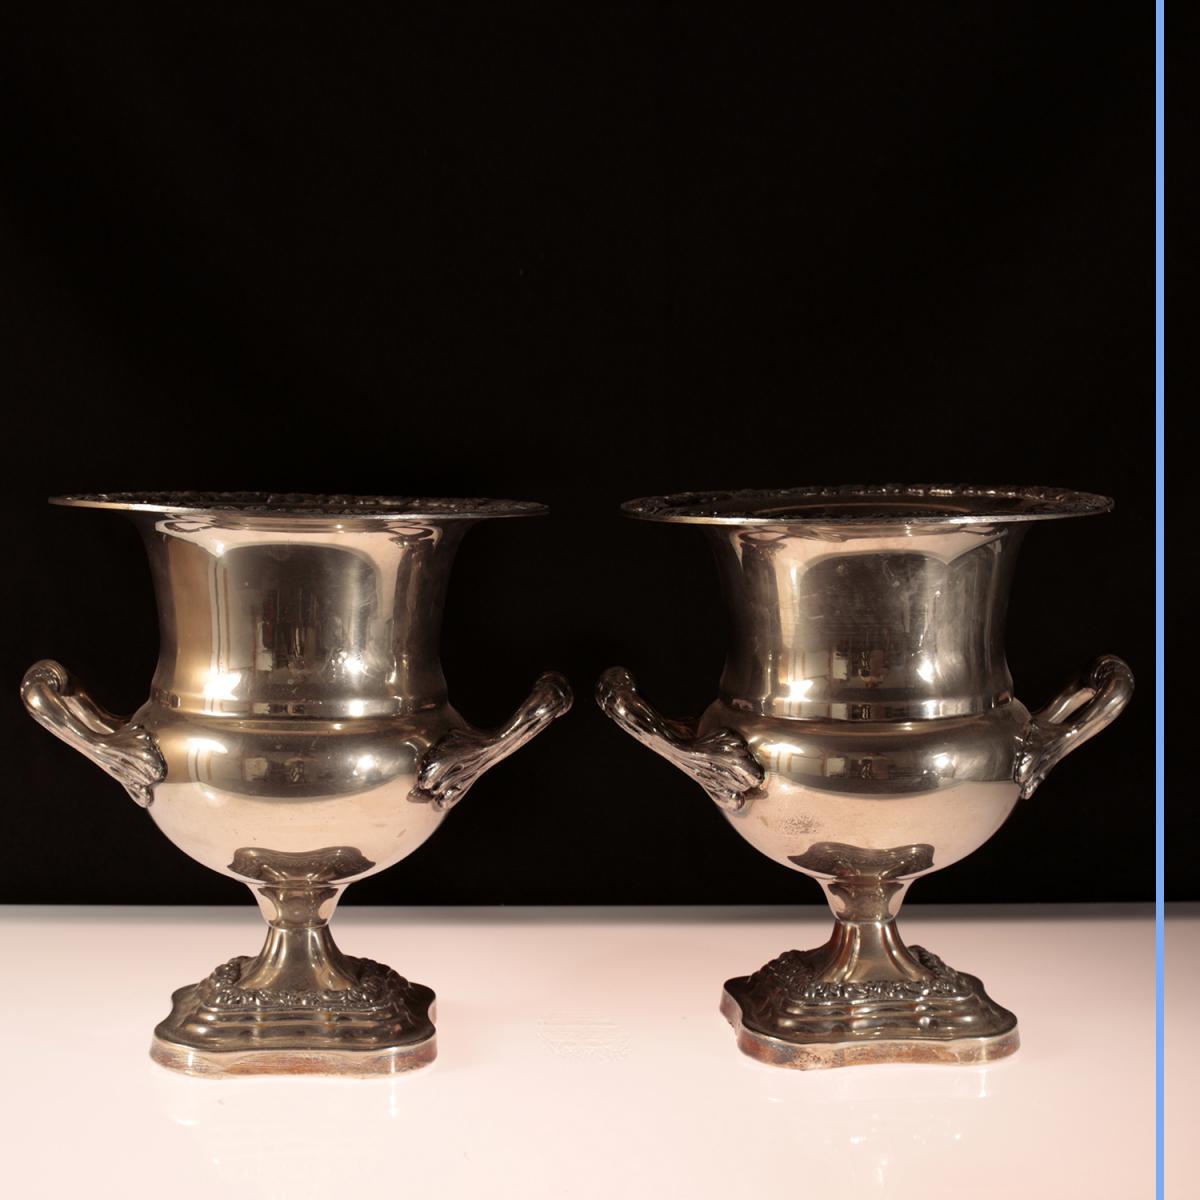 Paire de coupe en métal argenté, XIXe